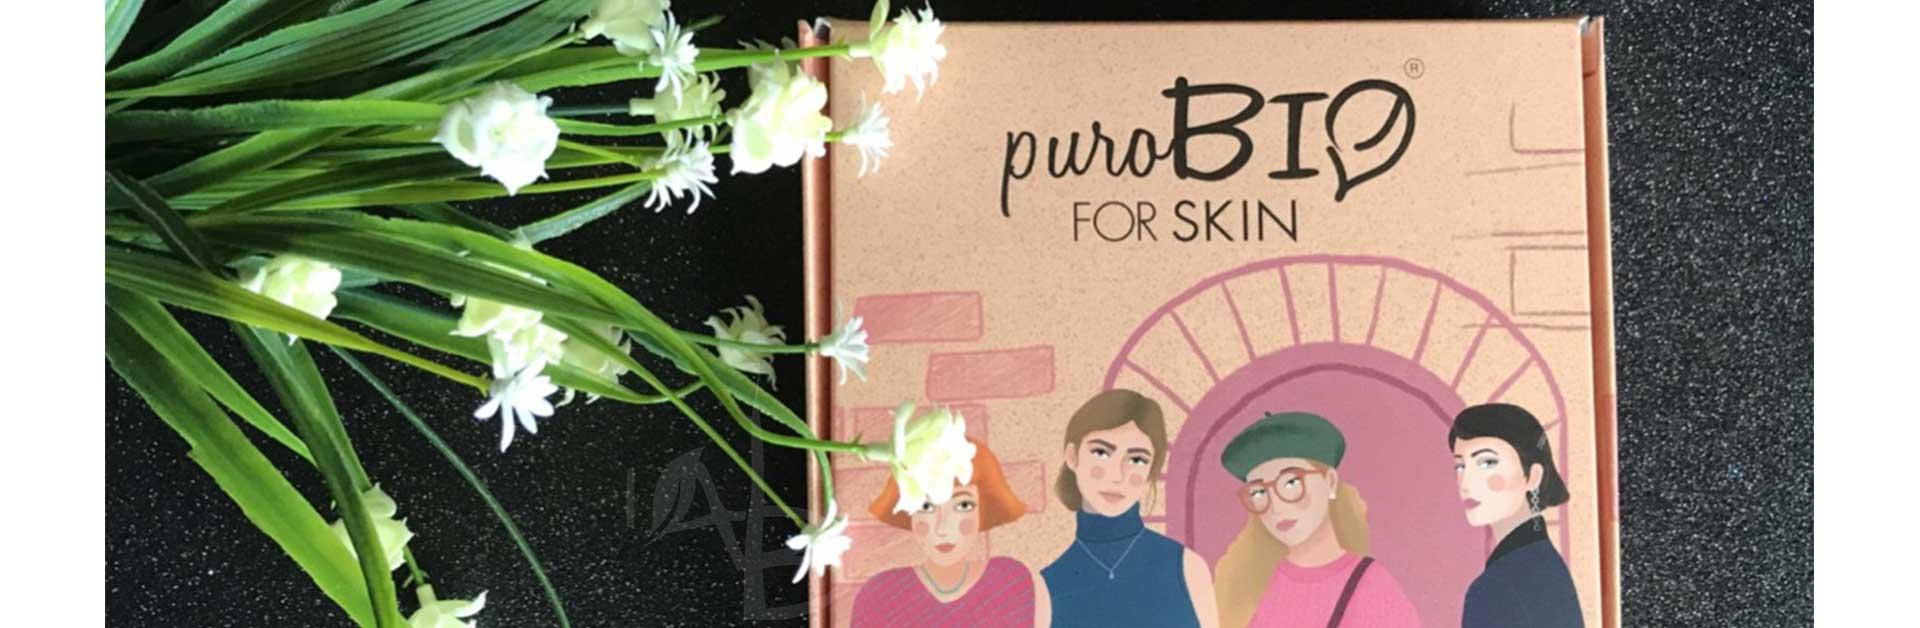 Immagine di copertina delle maschere della linea purobio for skin di Purobio